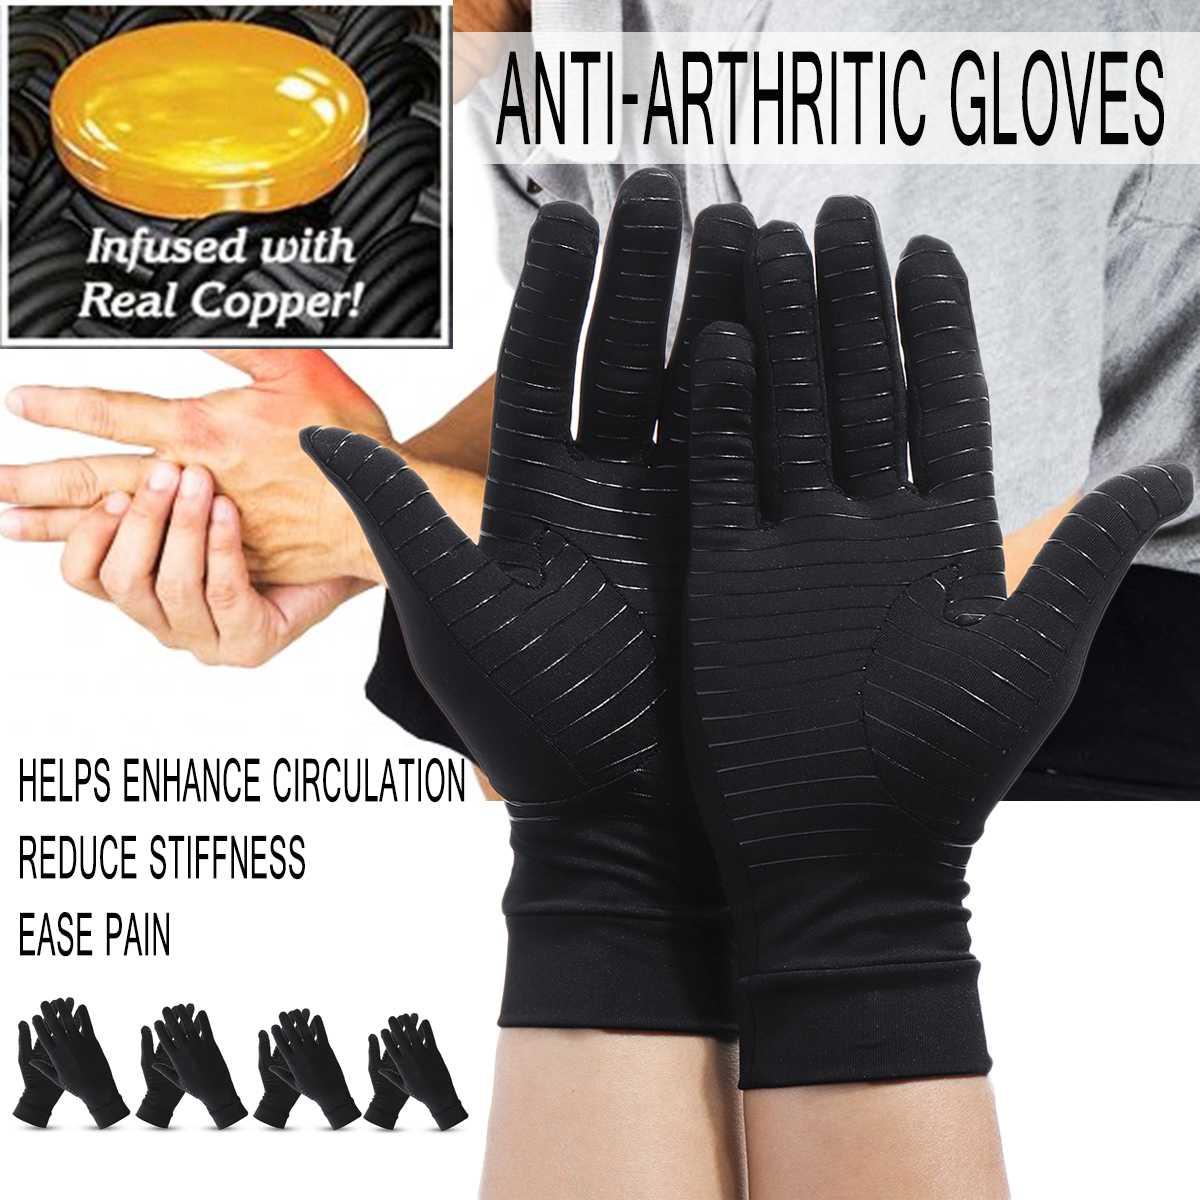 Us 3 94 16 Off Copper Fiber Anti Arthritis Hands Gloves Copper Therapy Compression Gloves Ache Pain Relief Compression Therapy Gloves In Braces